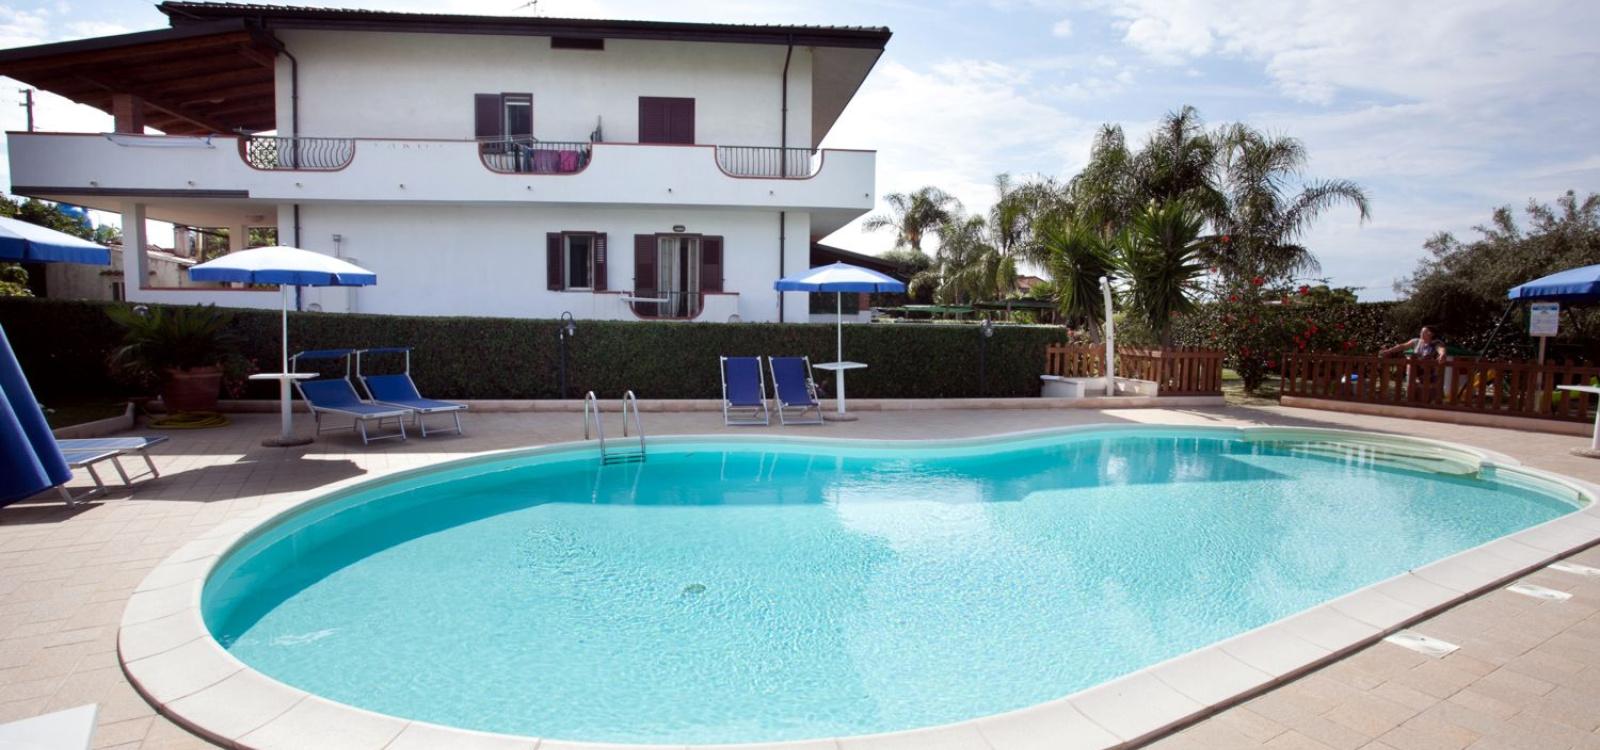 Casa Vacanze, Affitto per vacanze, ID Struttura 1075, Torre Marino, santa domenica, vibo valentia, Italy, 89865,